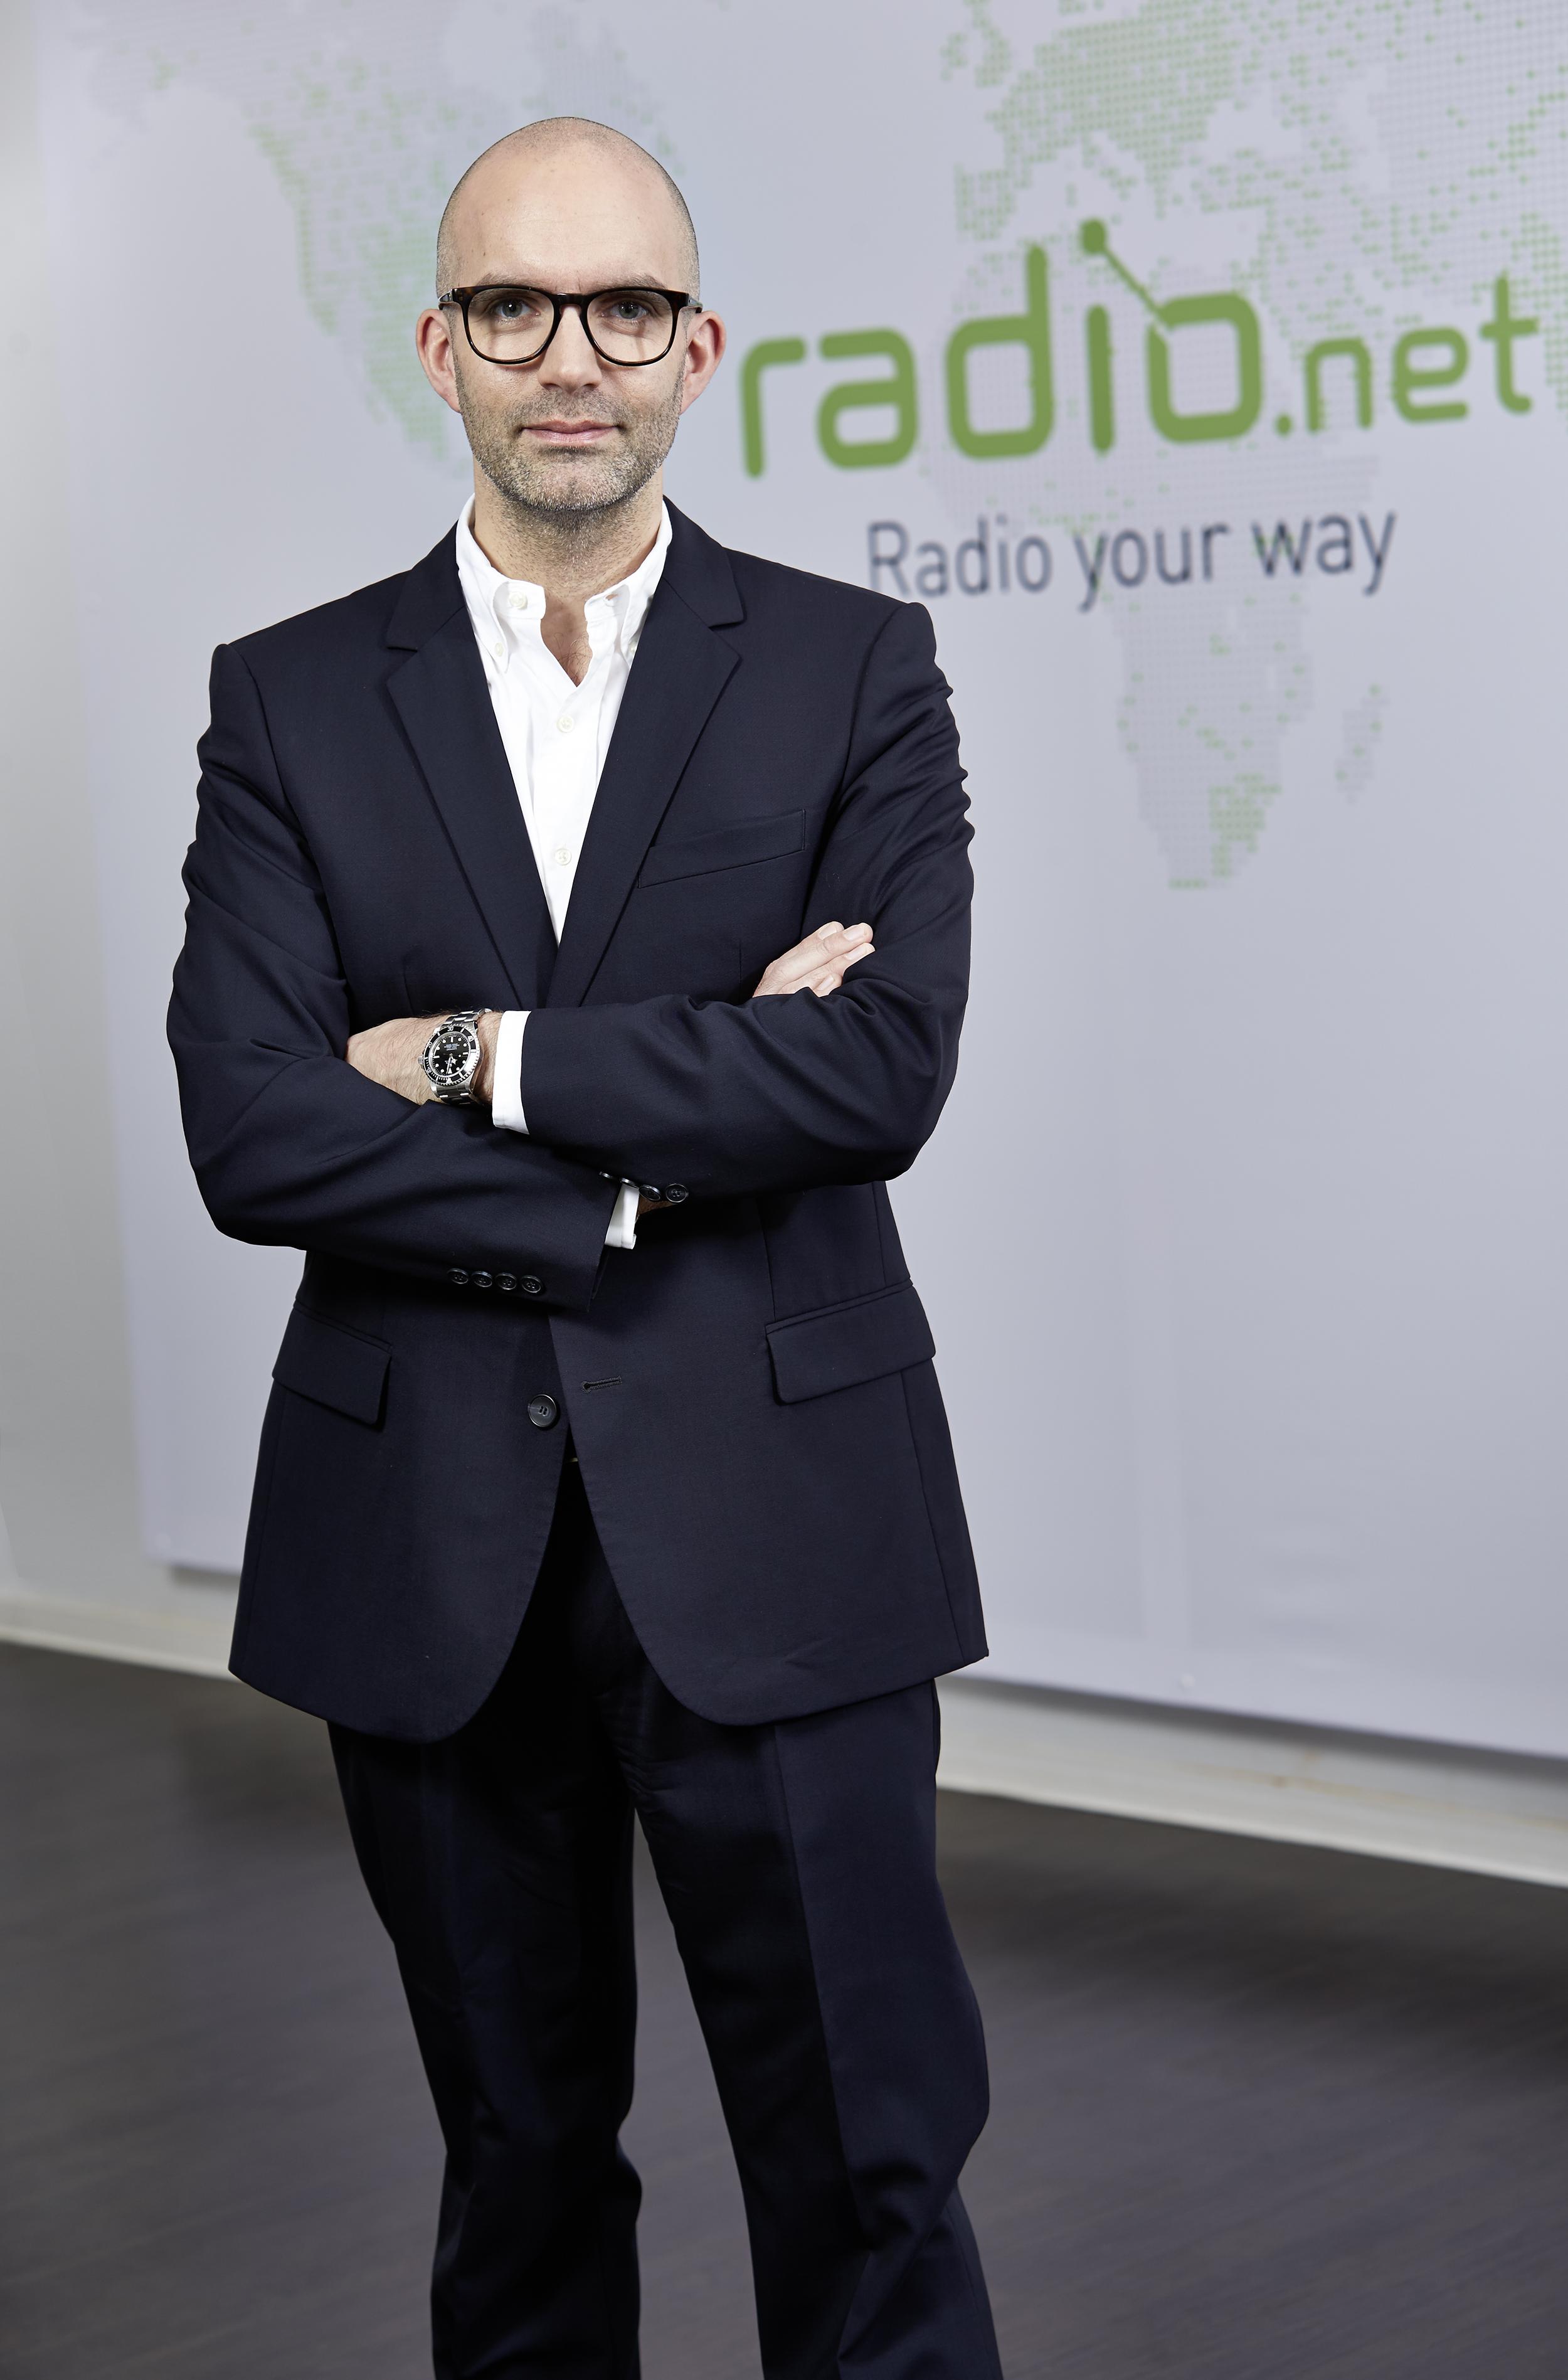 Bernhard Bahners Radio.it  - Radio 4.0. Radio.net: 7 mln di utenti per 30.000 stazioni. Accordi per connected car con Audi, Bentley, Daimler, Porsche e Volkswagen. Sorprese tra le radio italiane più ascoltate